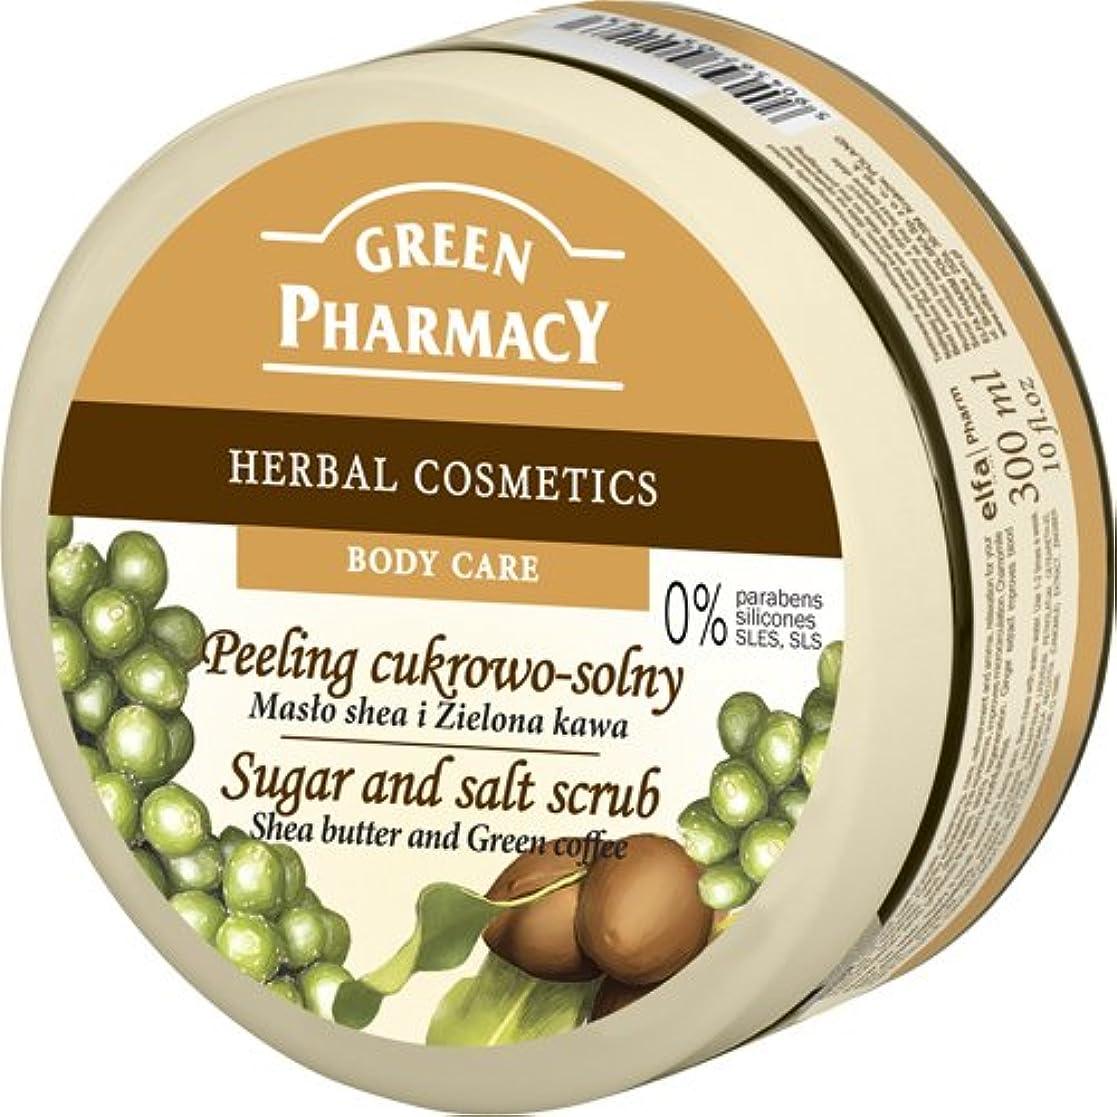 残酷な兵士嫉妬Elfa Pharm Green Pharmacy シュガー&ソルトスクラブ Shea Butter and Green Coffee